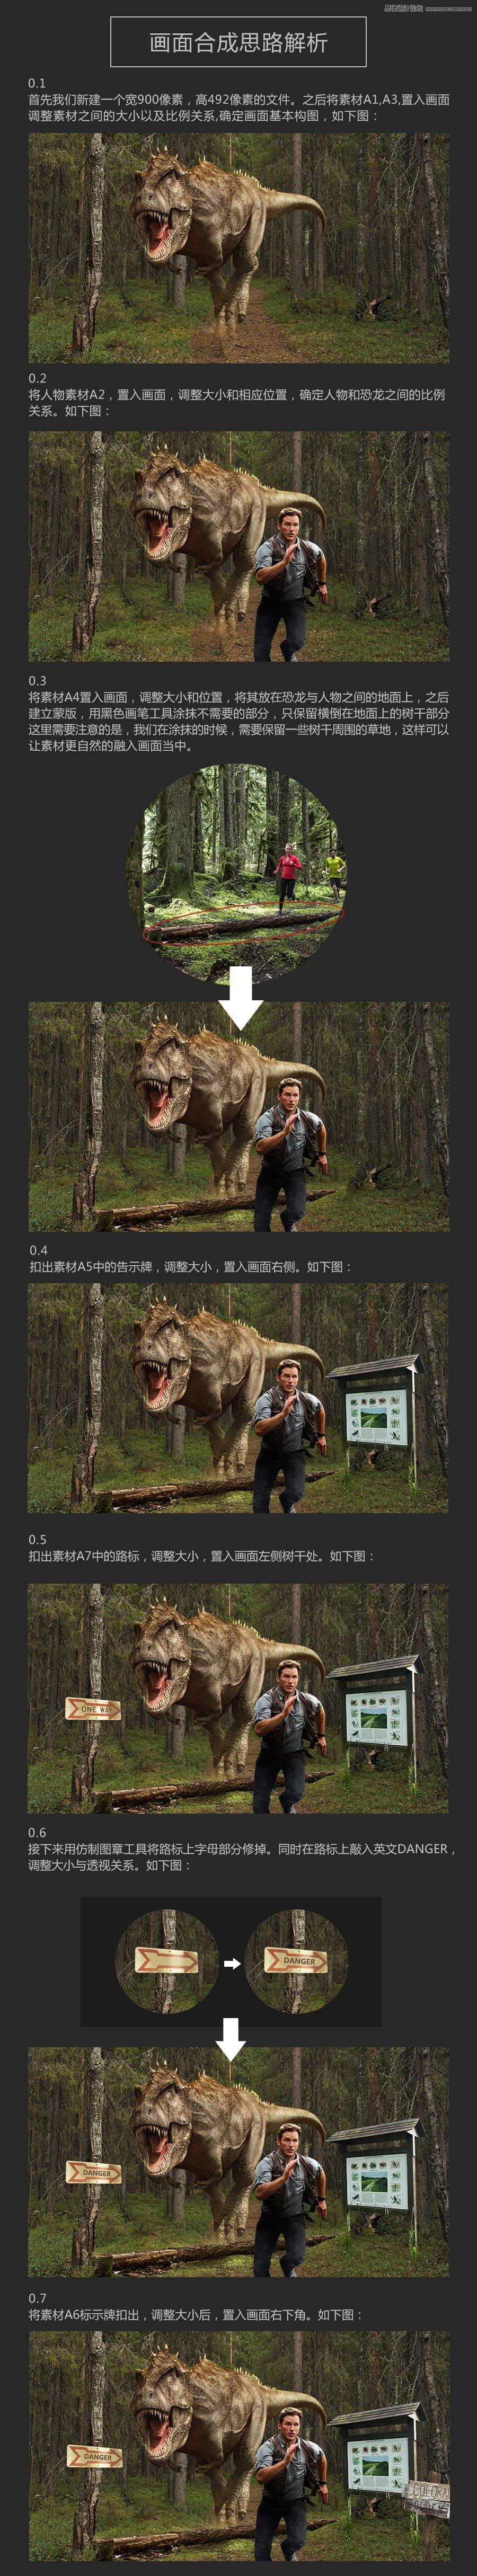 教程所需要的素材: 侏罗纪世界海报合成教程ps素材